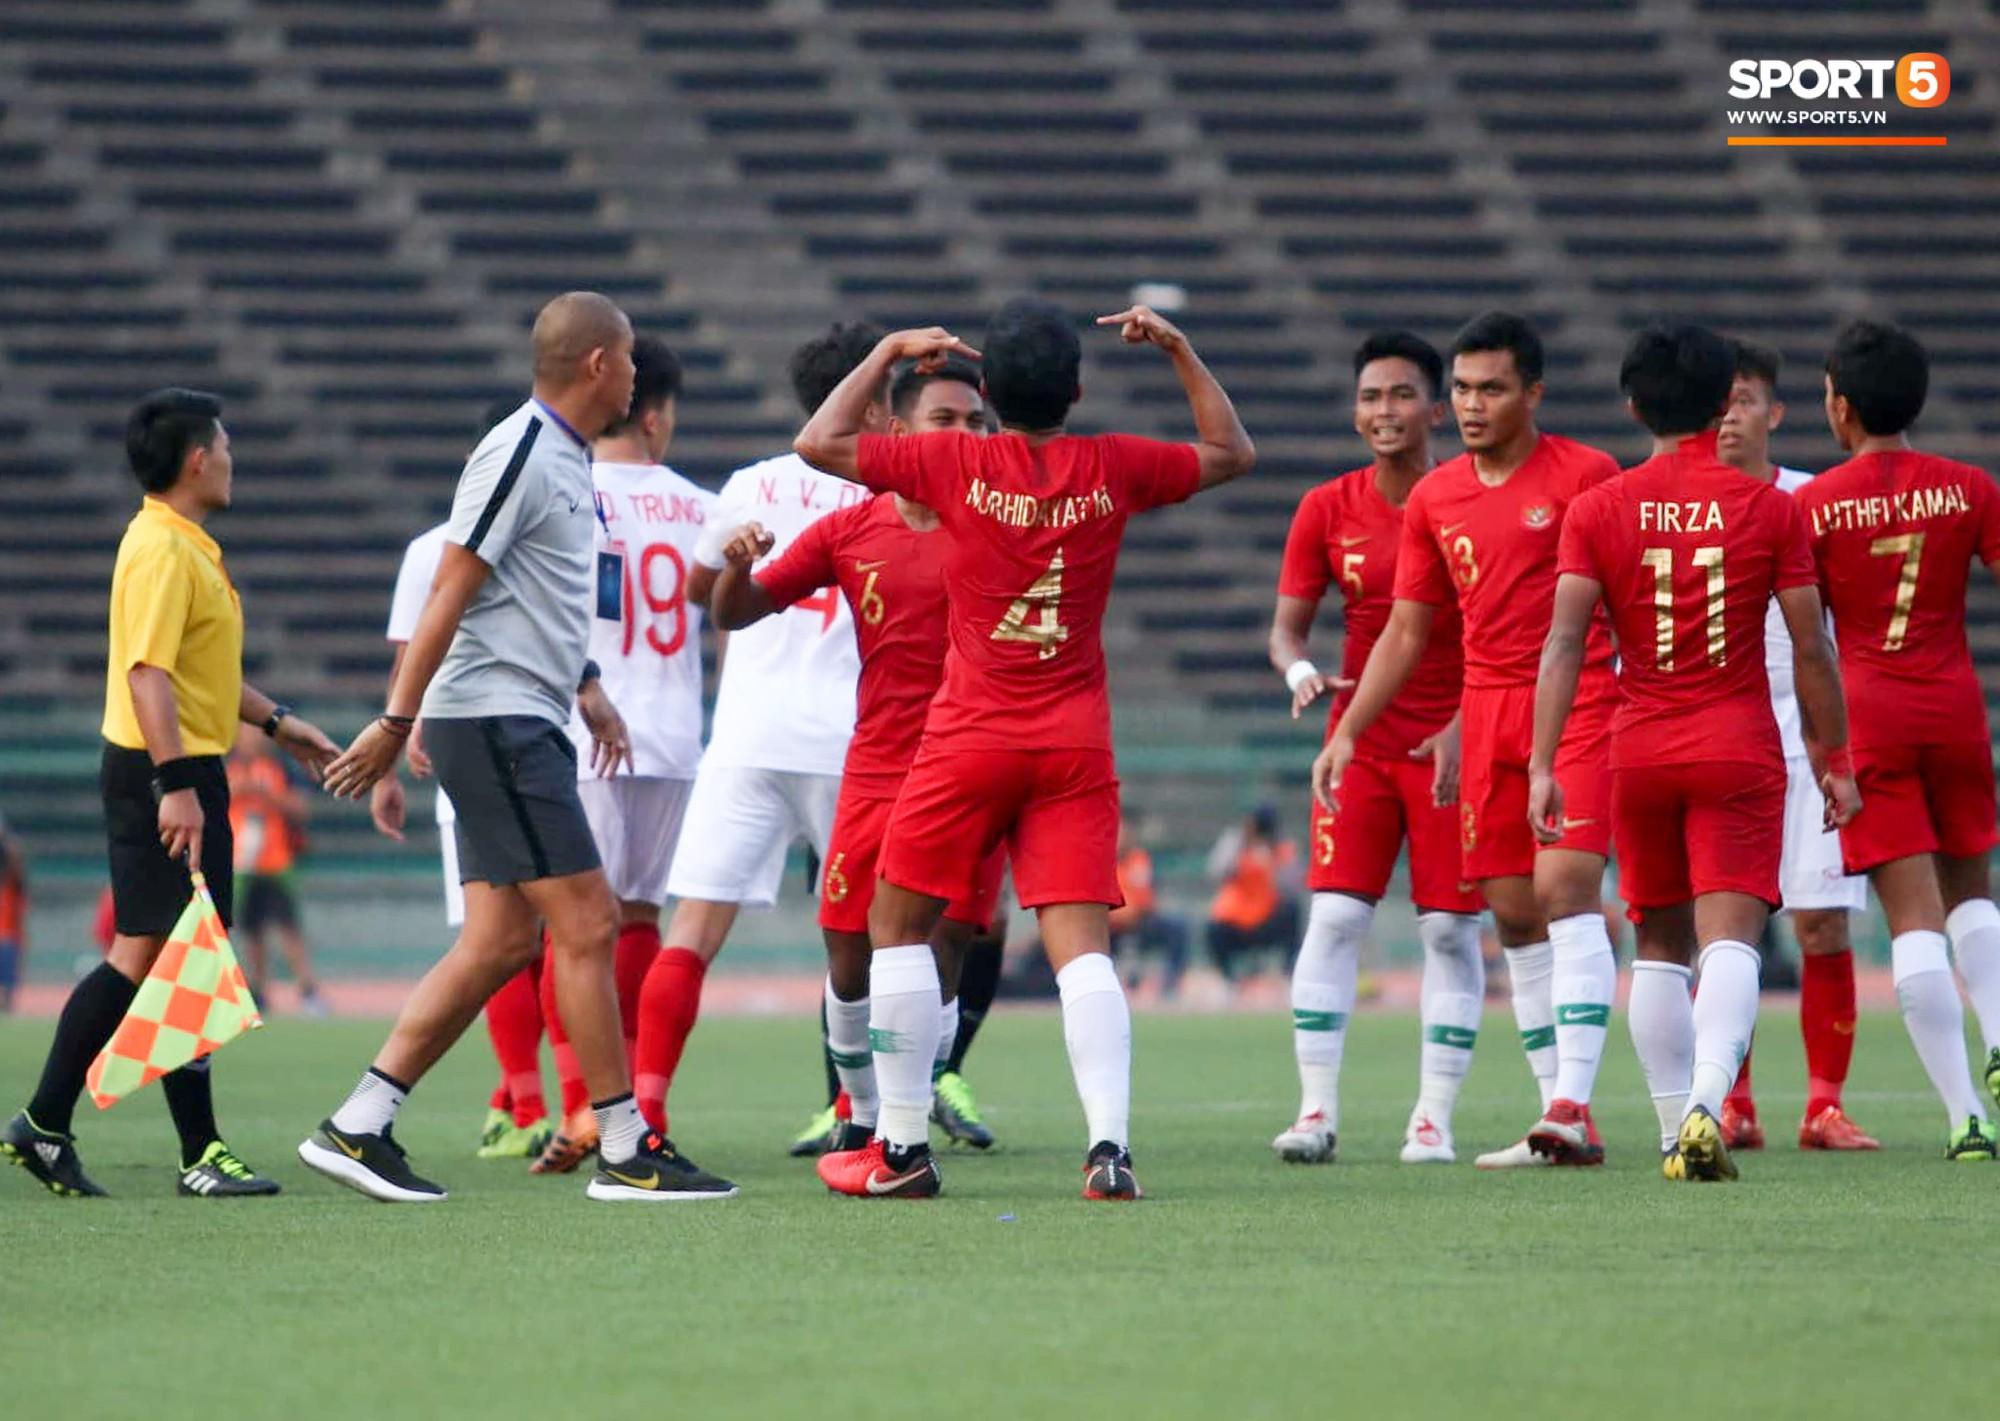 Khi bị dồn vào chân tường, U23 Indonesia có thể khiến U23 Việt Nam không còn lành lặn - Ảnh 2.